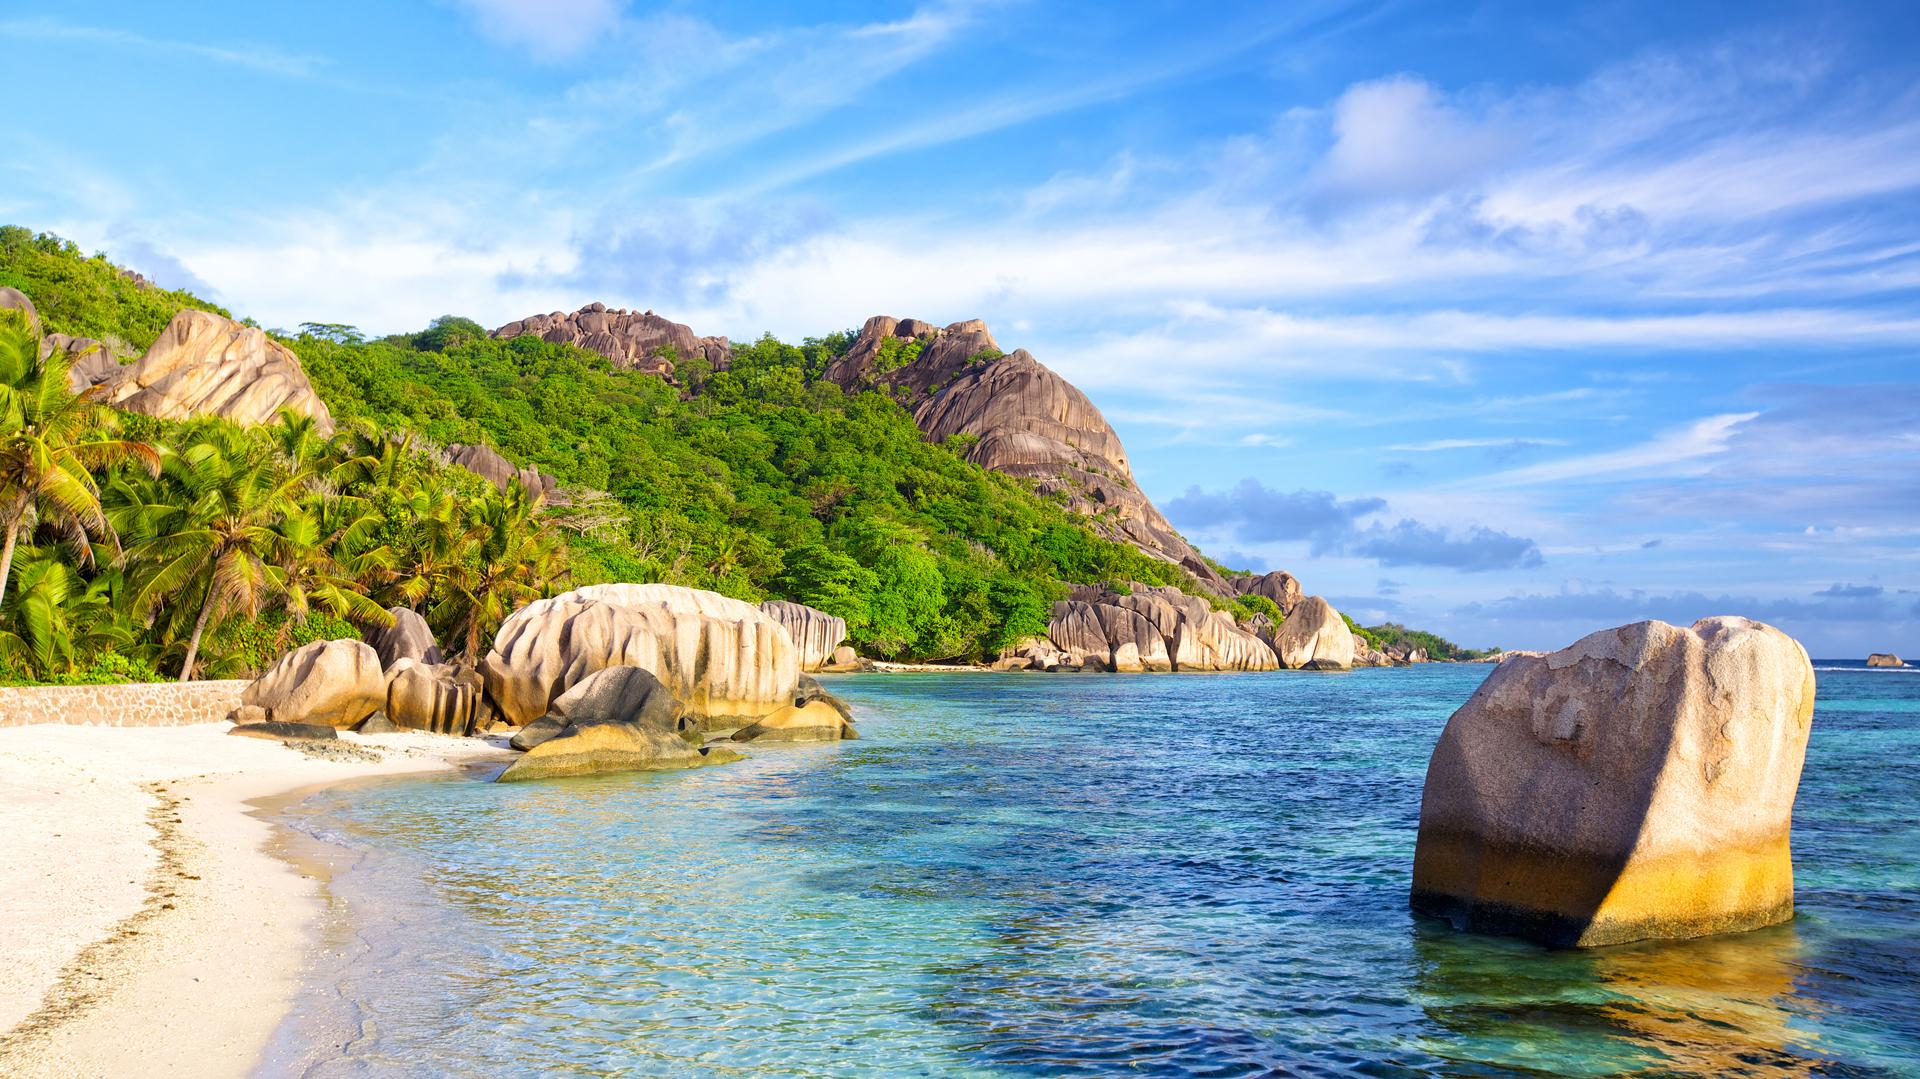 Ubicada en las Seychelles, Anse Source d'Agent es la playa más fotografiada del mundo. Es el aspecto cultural que también agrega brillo al lugar. El agua poco profunda permite que los aventureros caminen alrededor de un km en el agua mojándose apenas la cintura